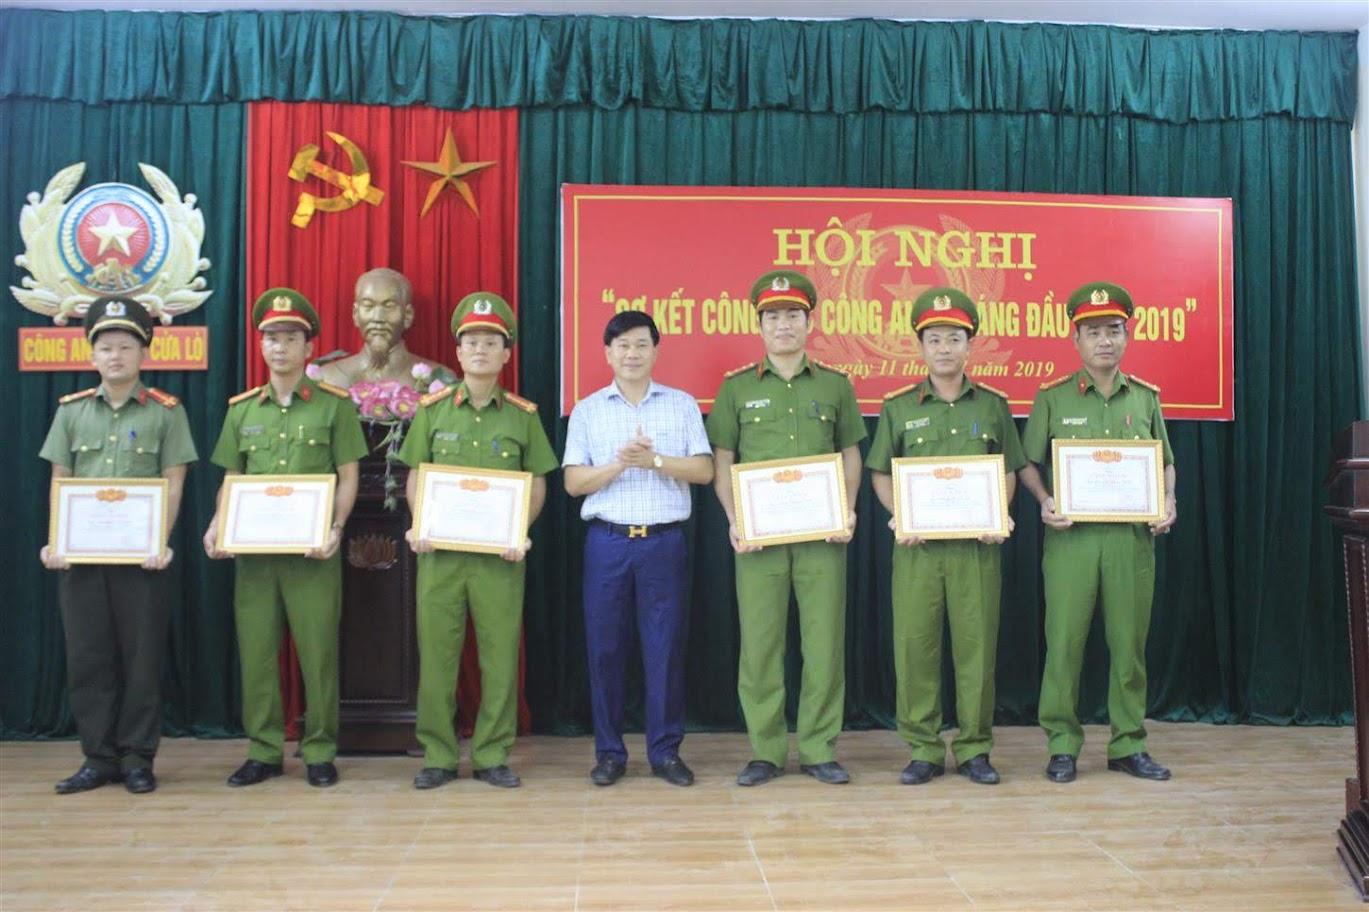 trao Giấy khen của Giám đốc Công an tỉnh và Chủ tịch UBND xã cho 16 cán bộ, chiến sĩ có thành tích xuất sắc